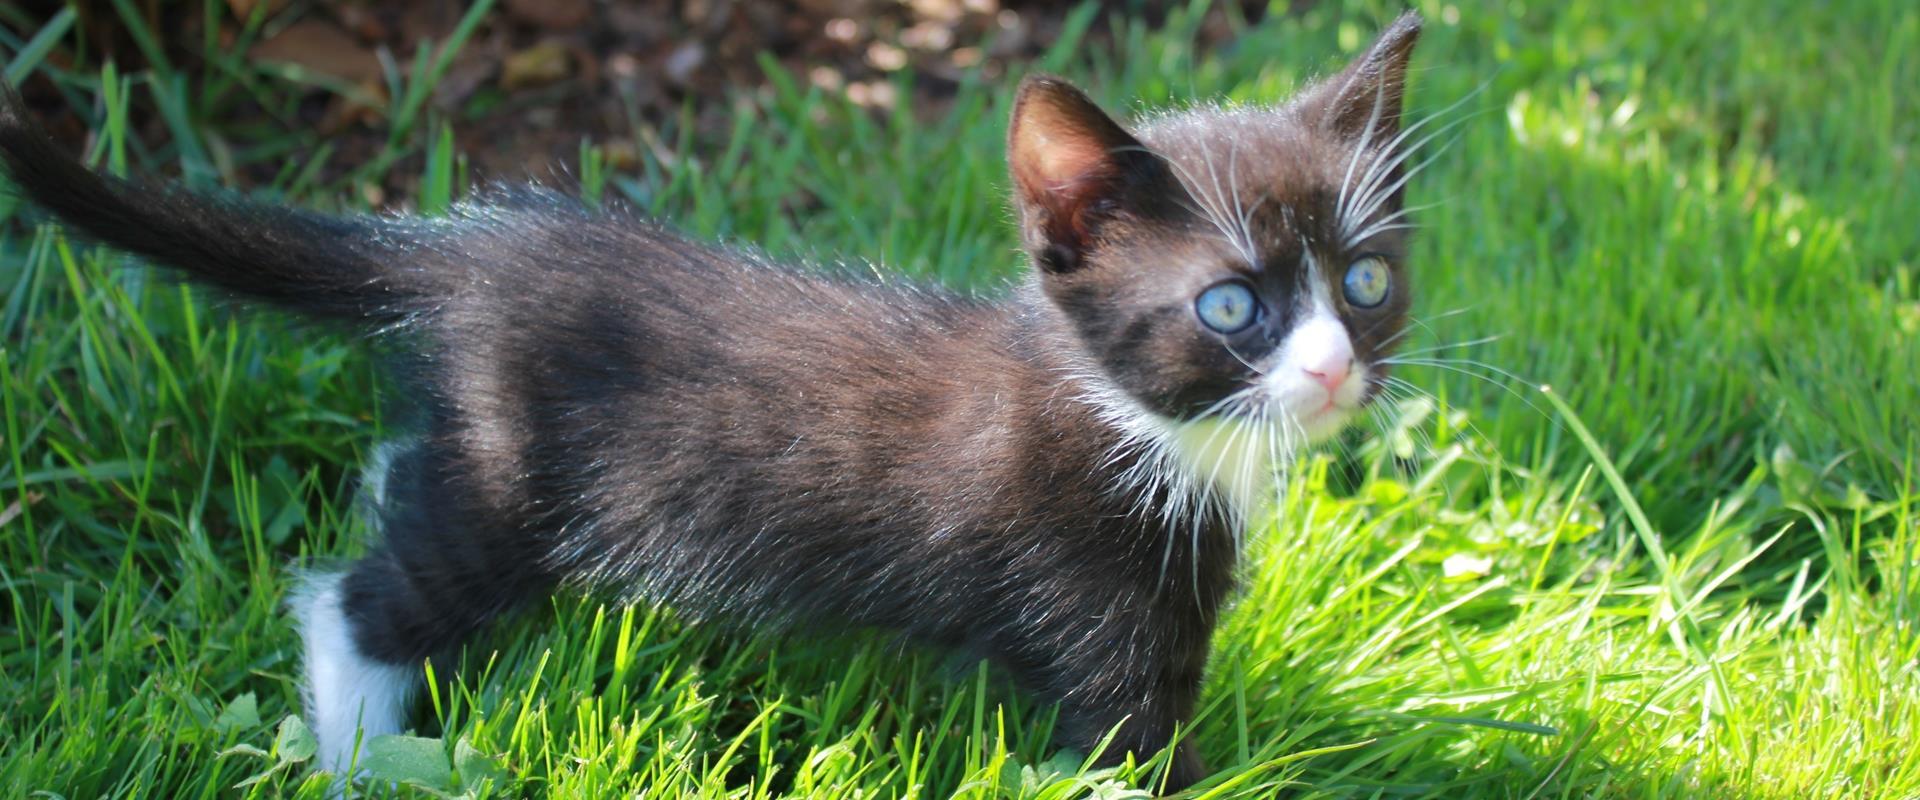 Unsere schwarz-weisse Babykatze im saftigen Gras